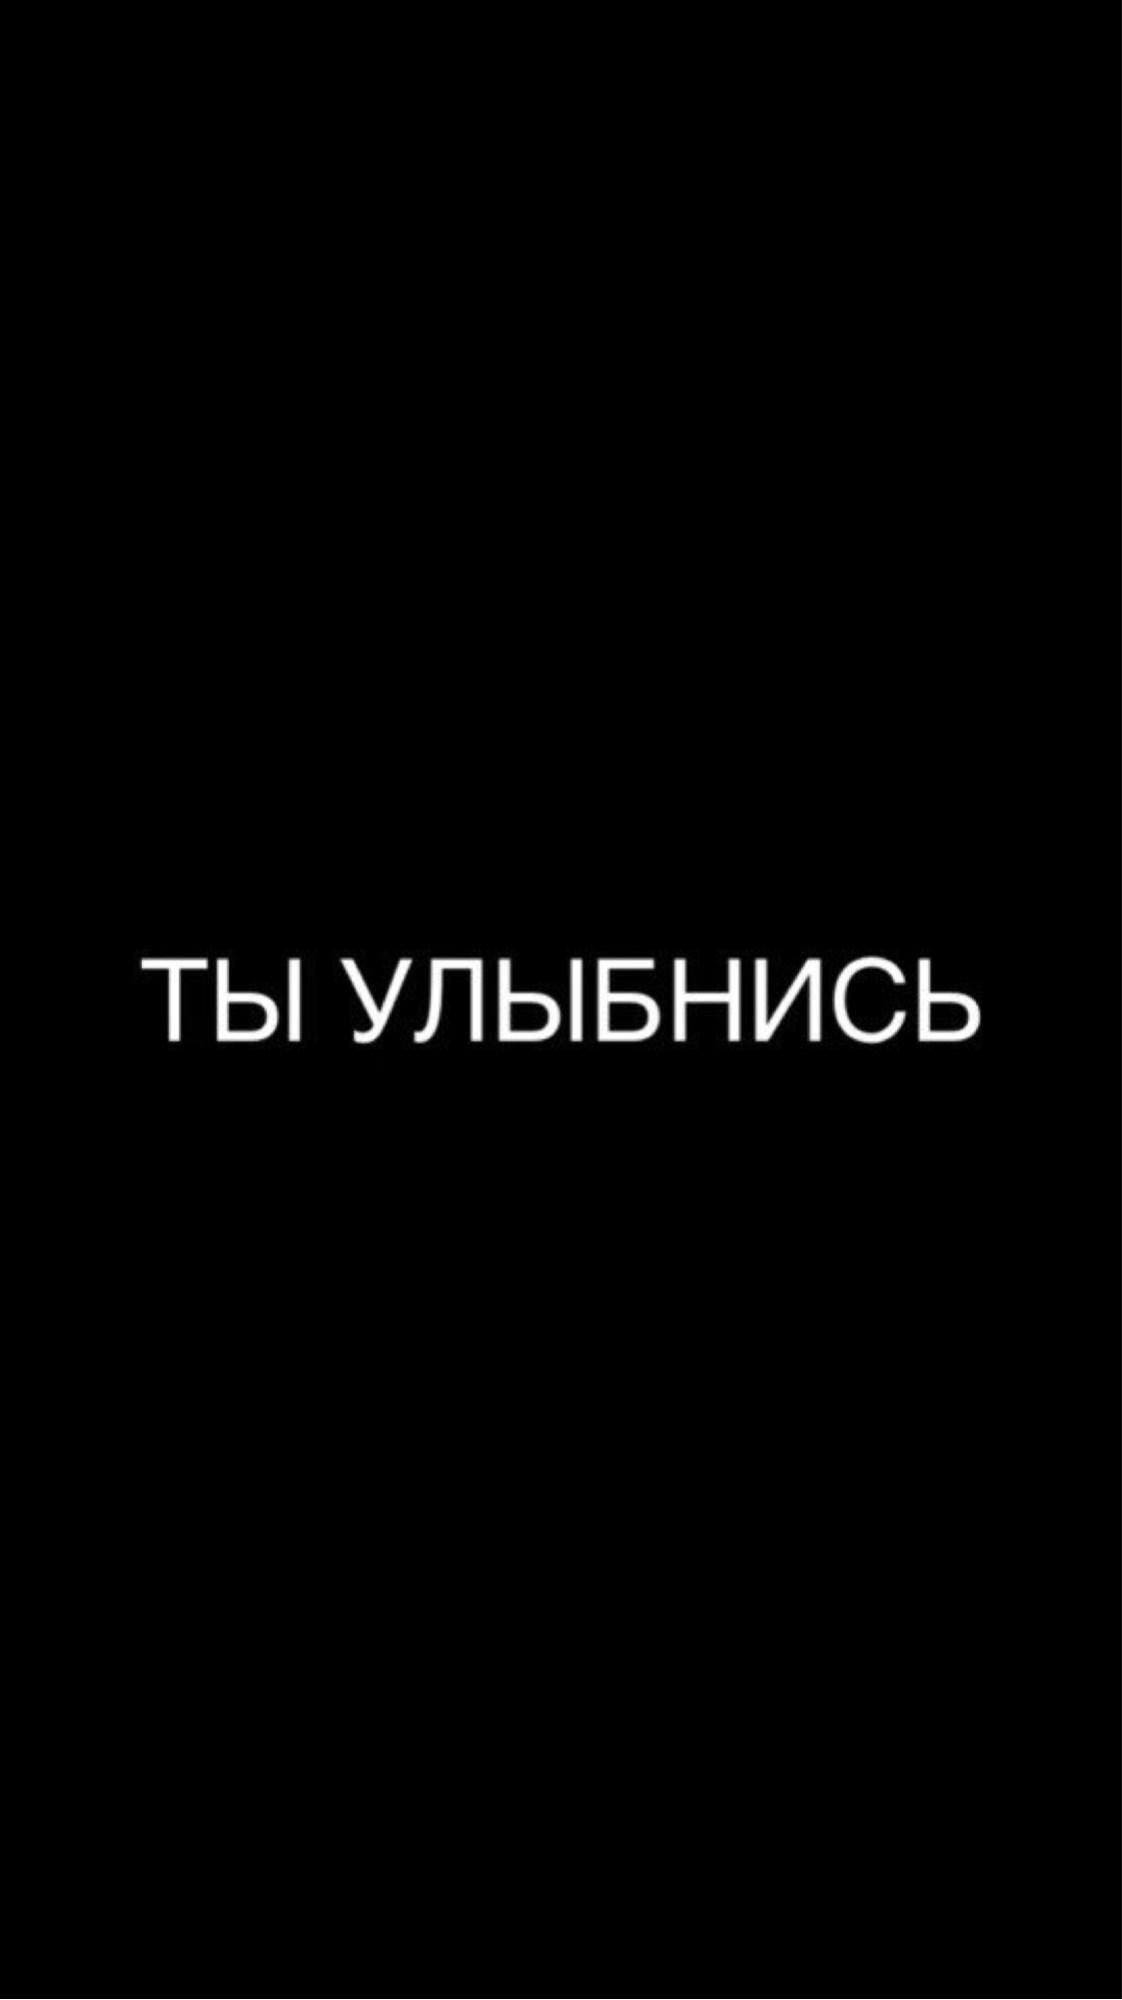 Улыбнись картинка на черном фоне